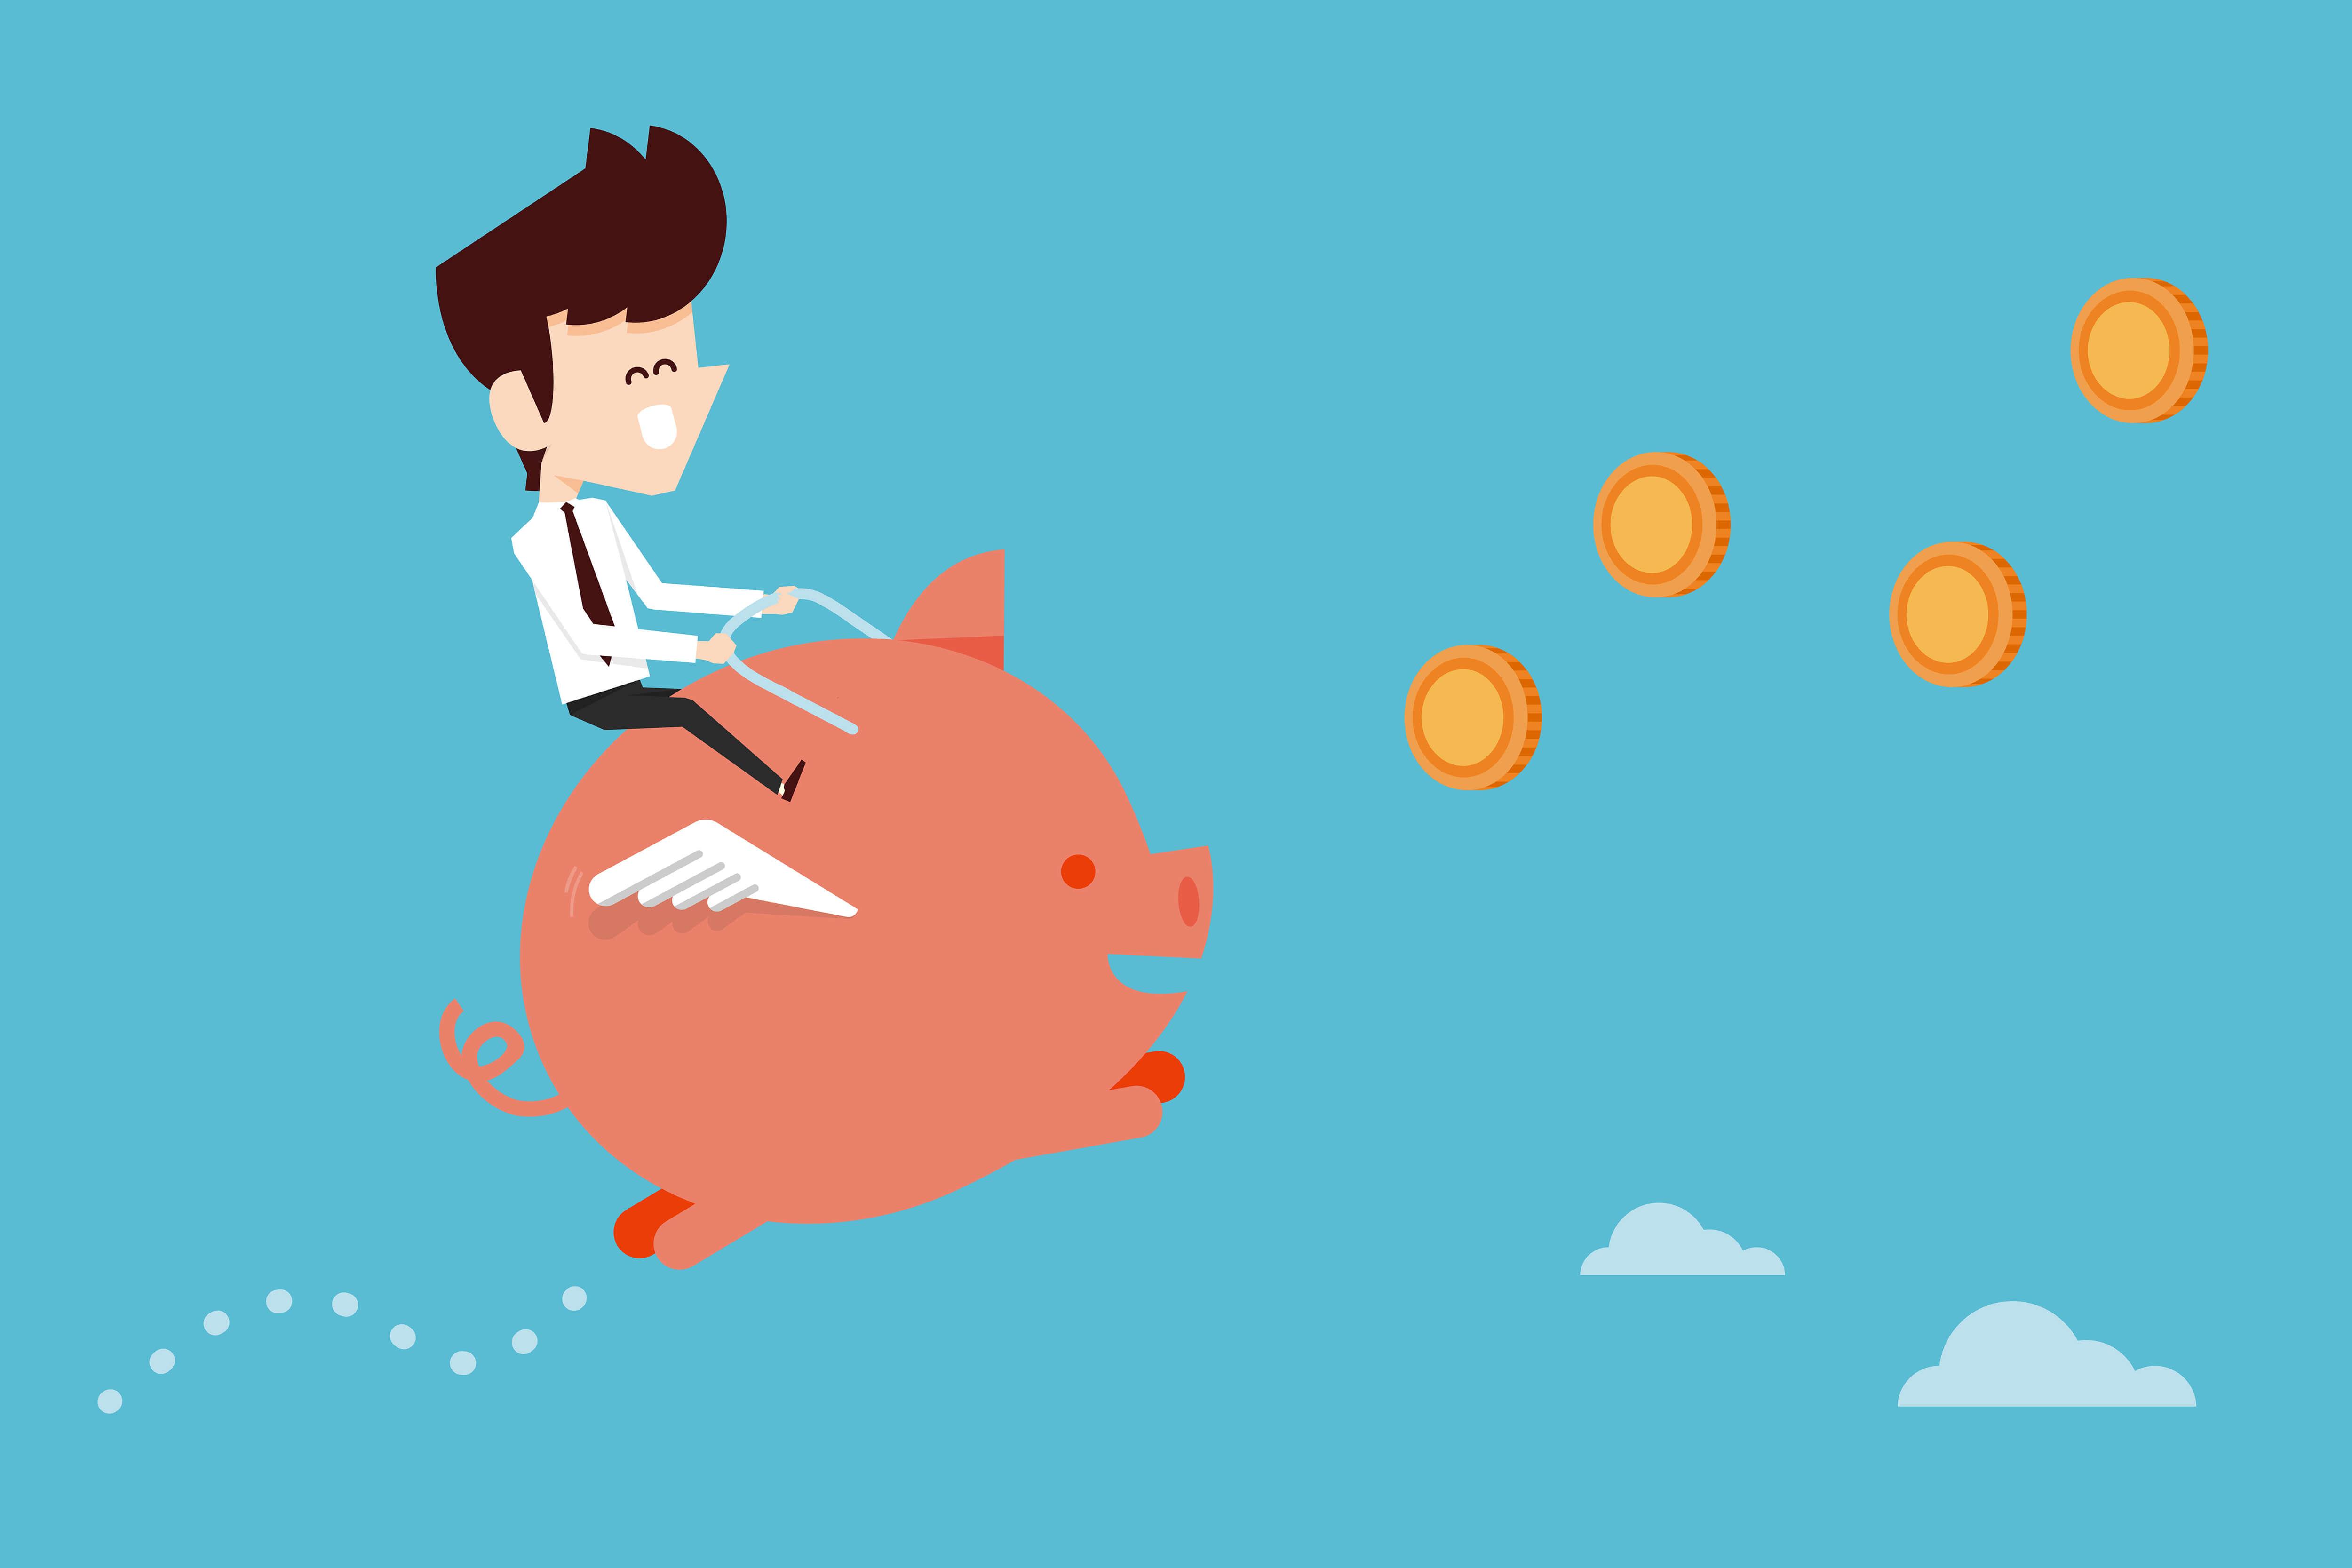 【速報】平成30年10月以降、最低賃金が大幅に引き上げられます!